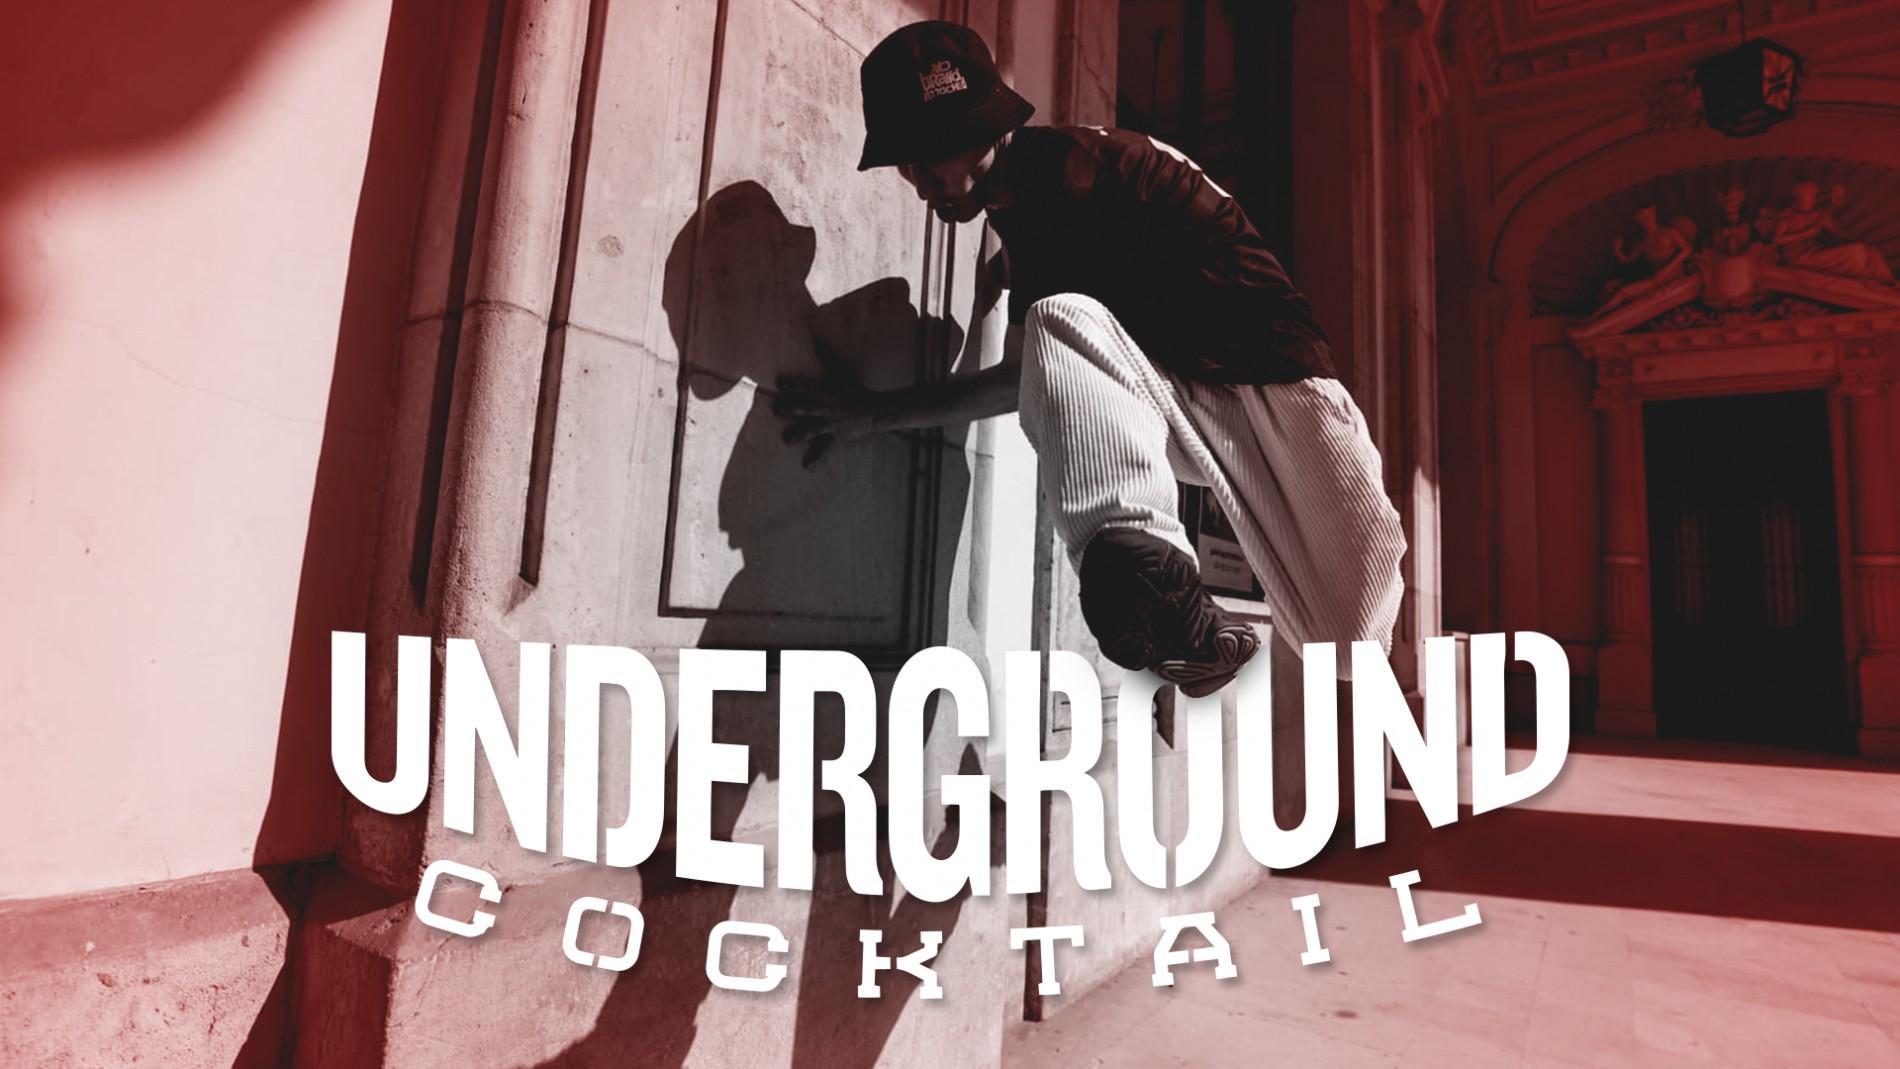 Underground Cocktail